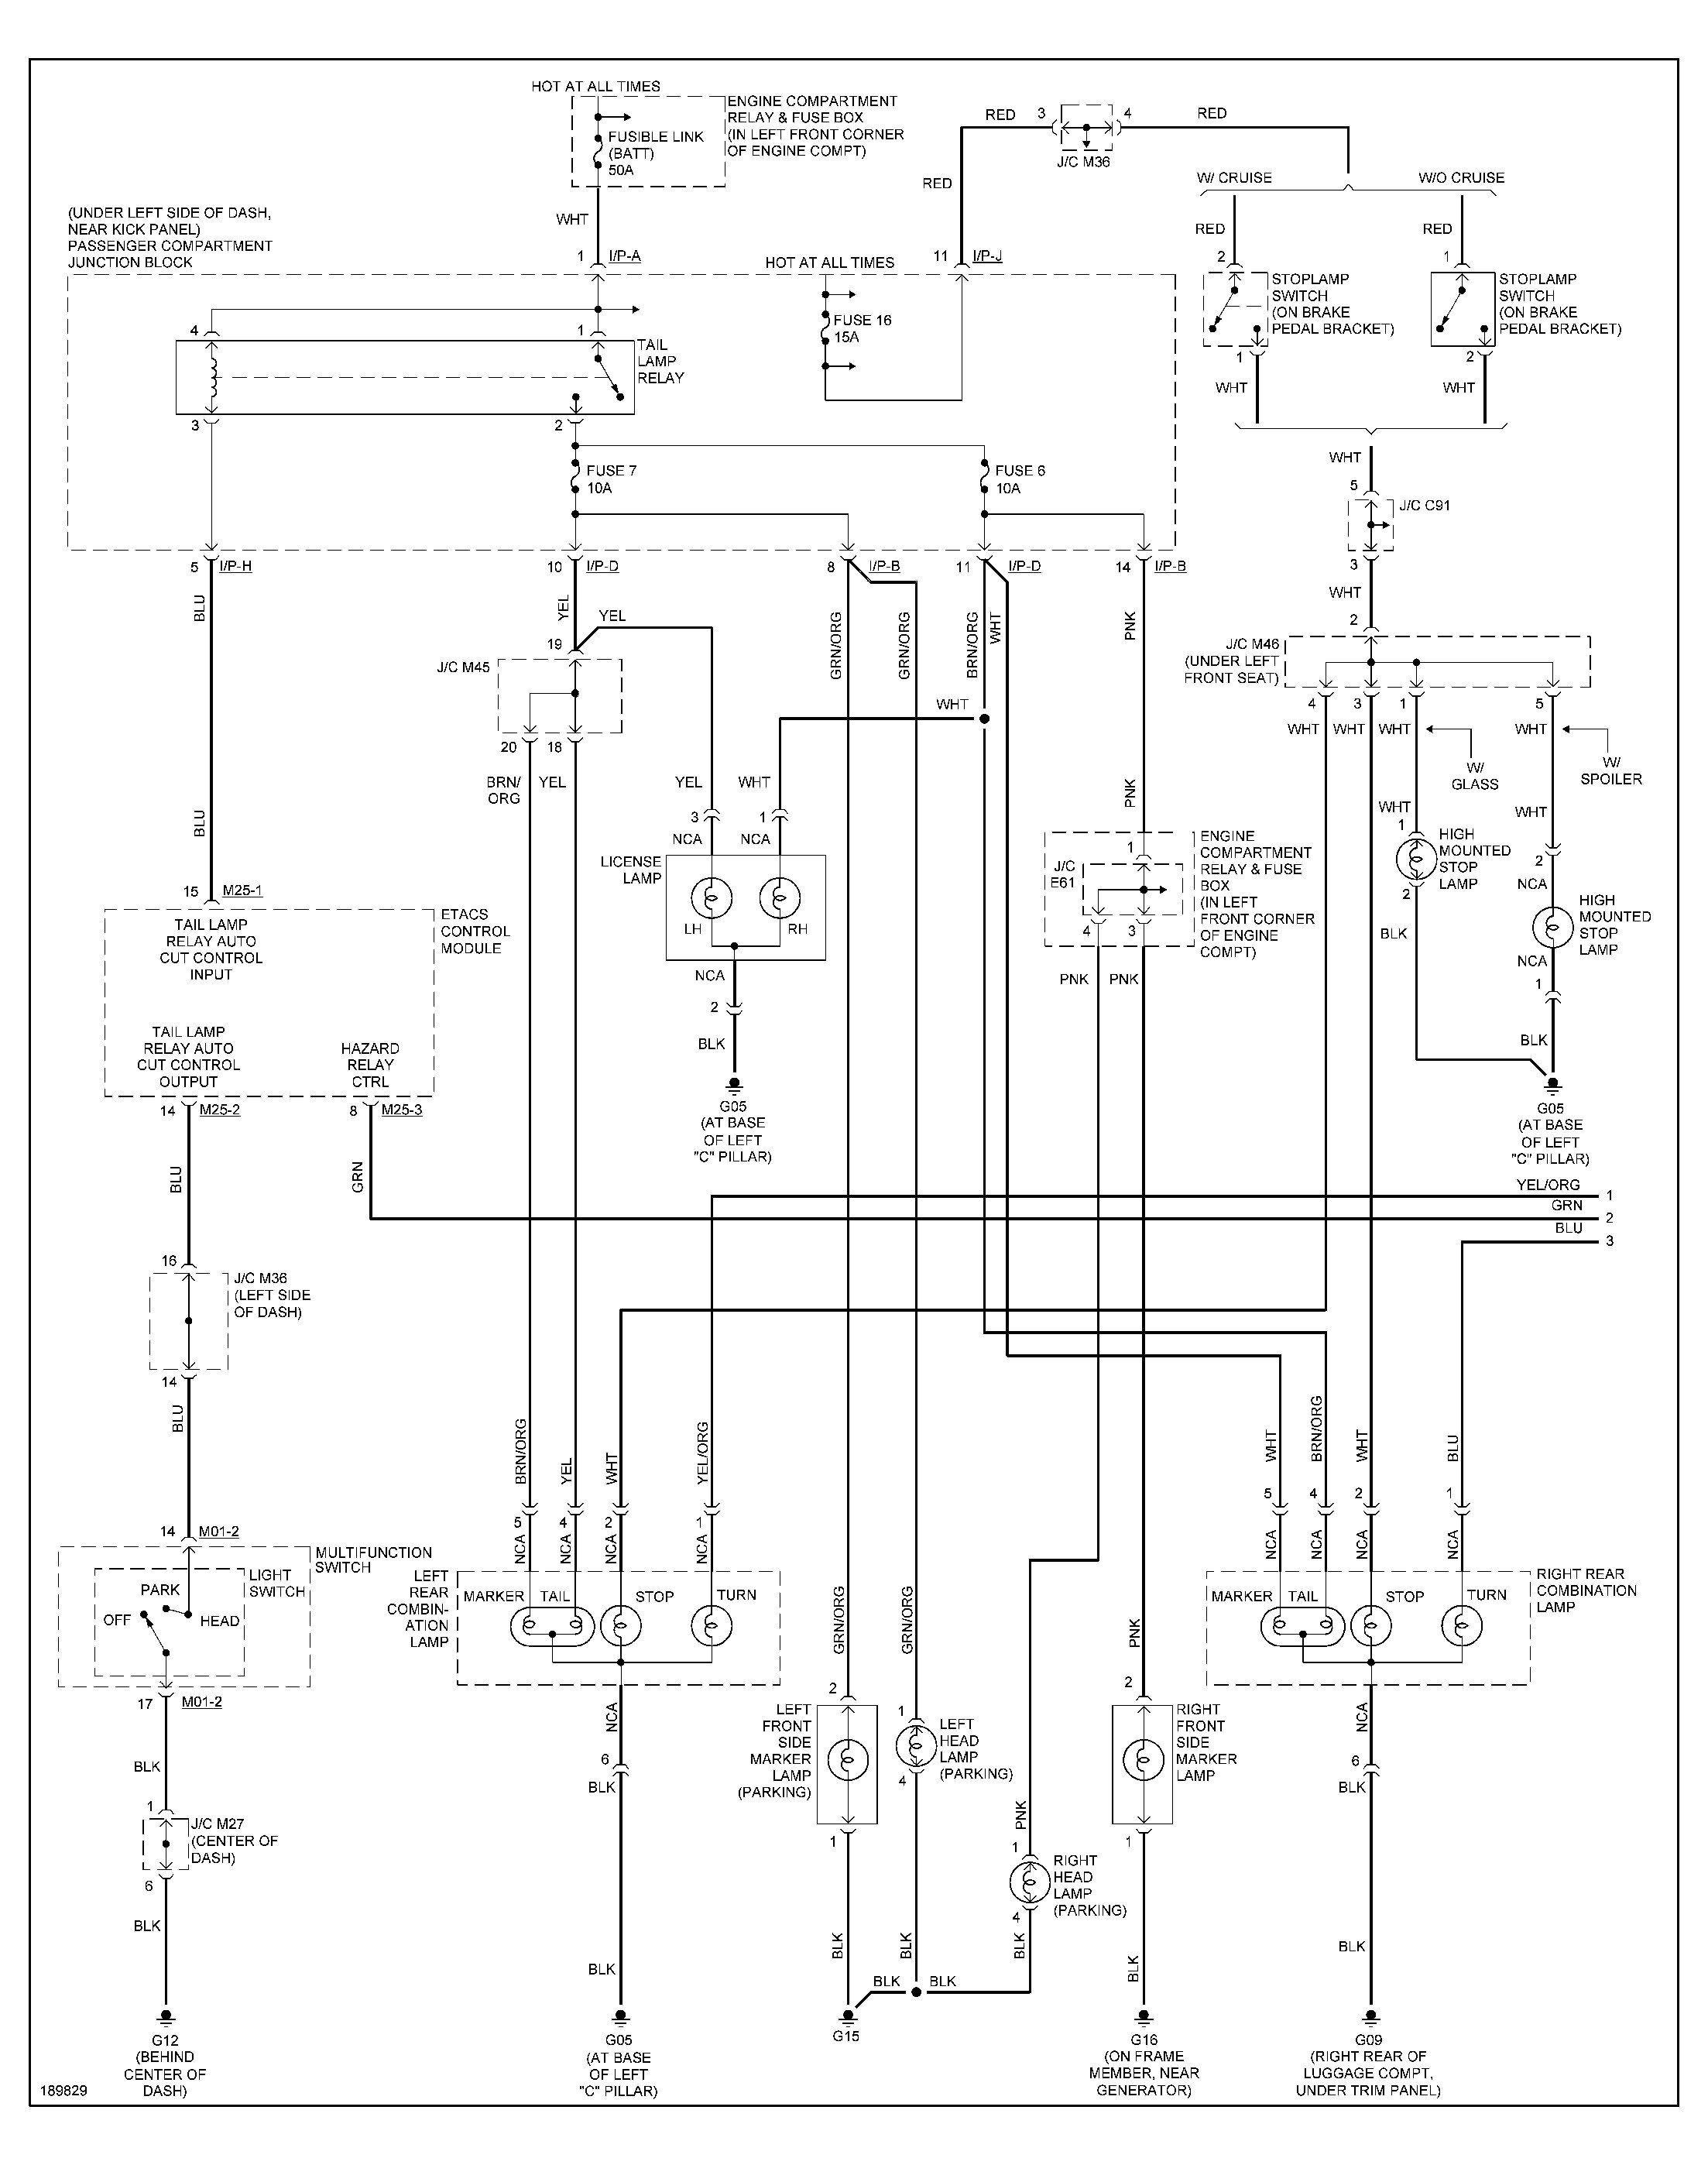 metra wiring diagram wiring diagram compilationmetra wiring diagram manual e book metra 70 1761 wiring diagram [ 2206 x 2796 Pixel ]